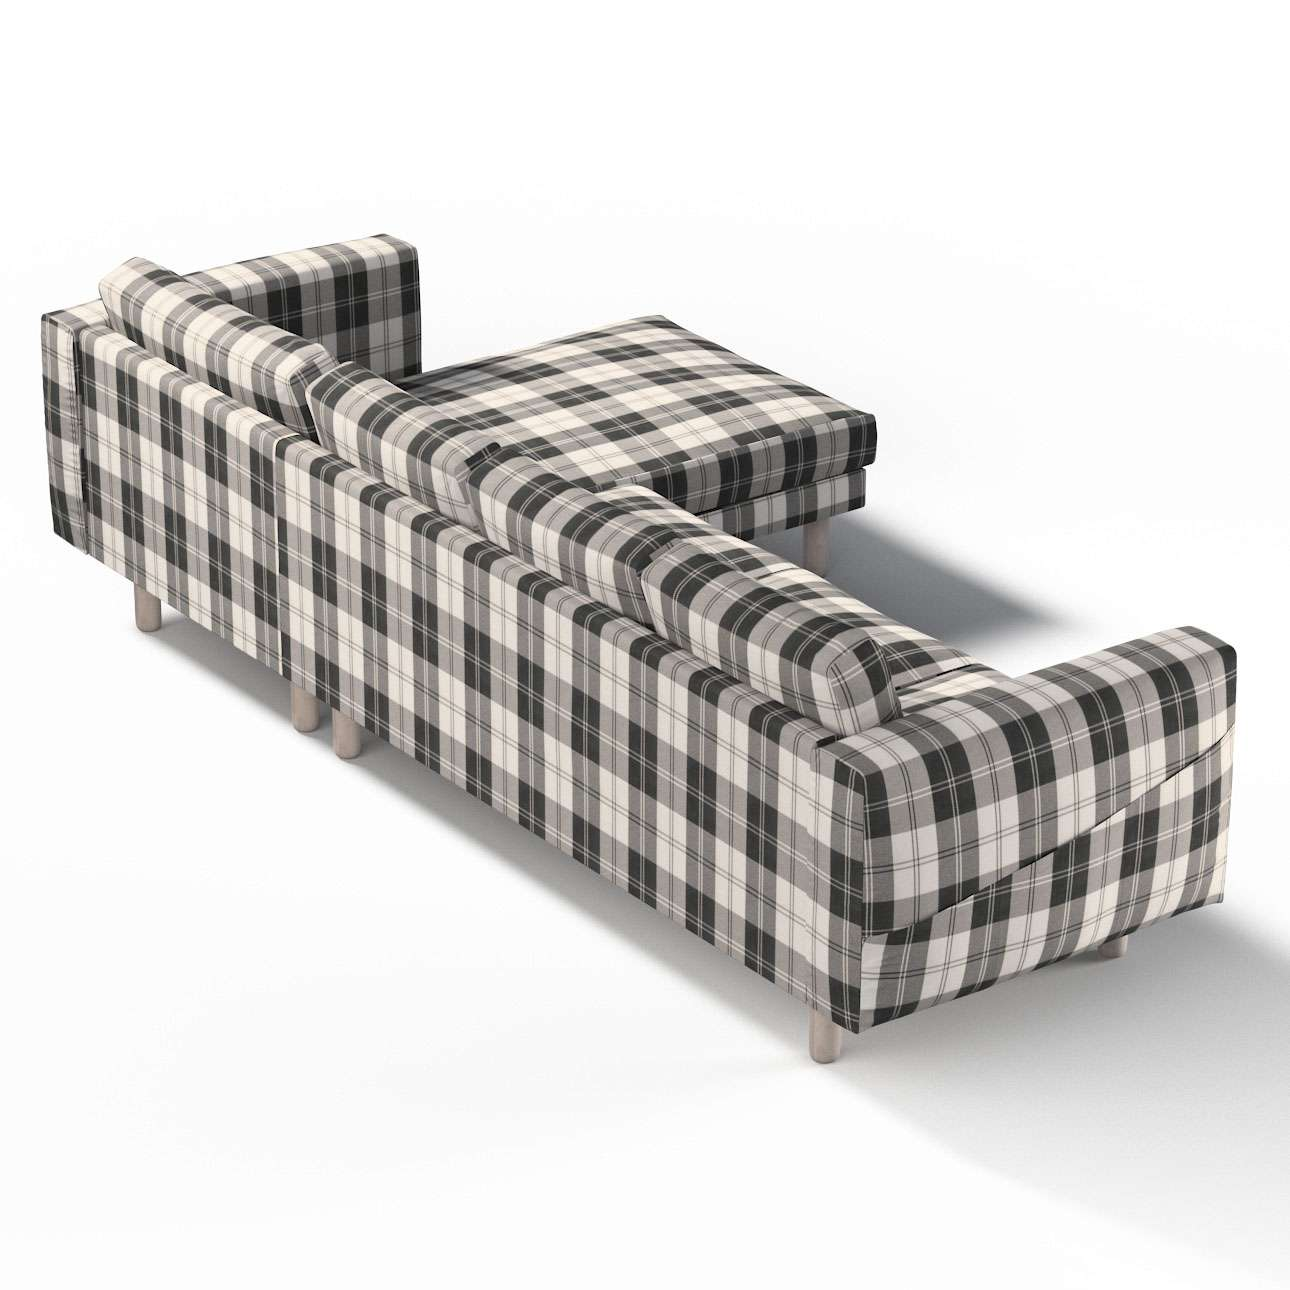 Pokrowiec na sofę Norsborg 4-osobową z szezlongiem w kolekcji Edinburgh, tkanina: 115-74